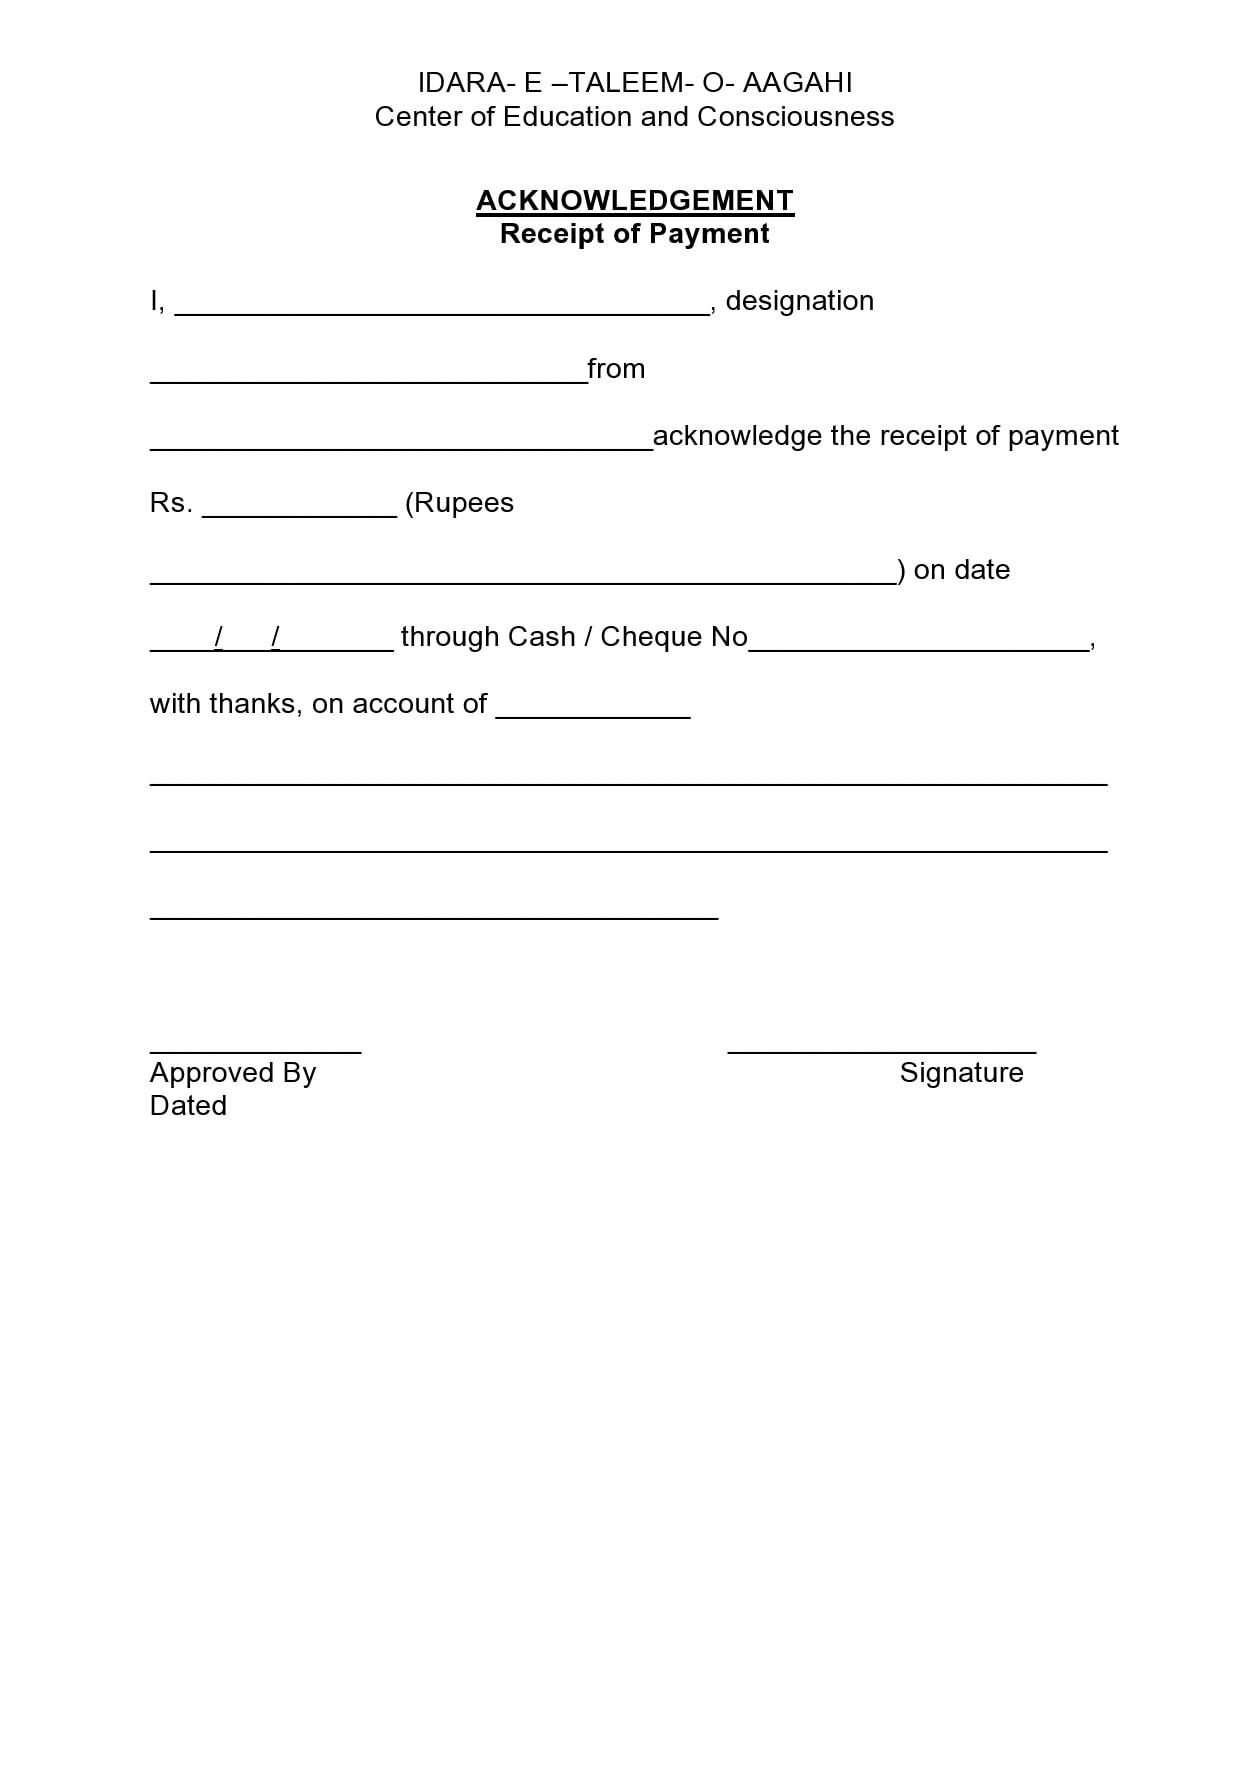 acknowledgement receipt 19